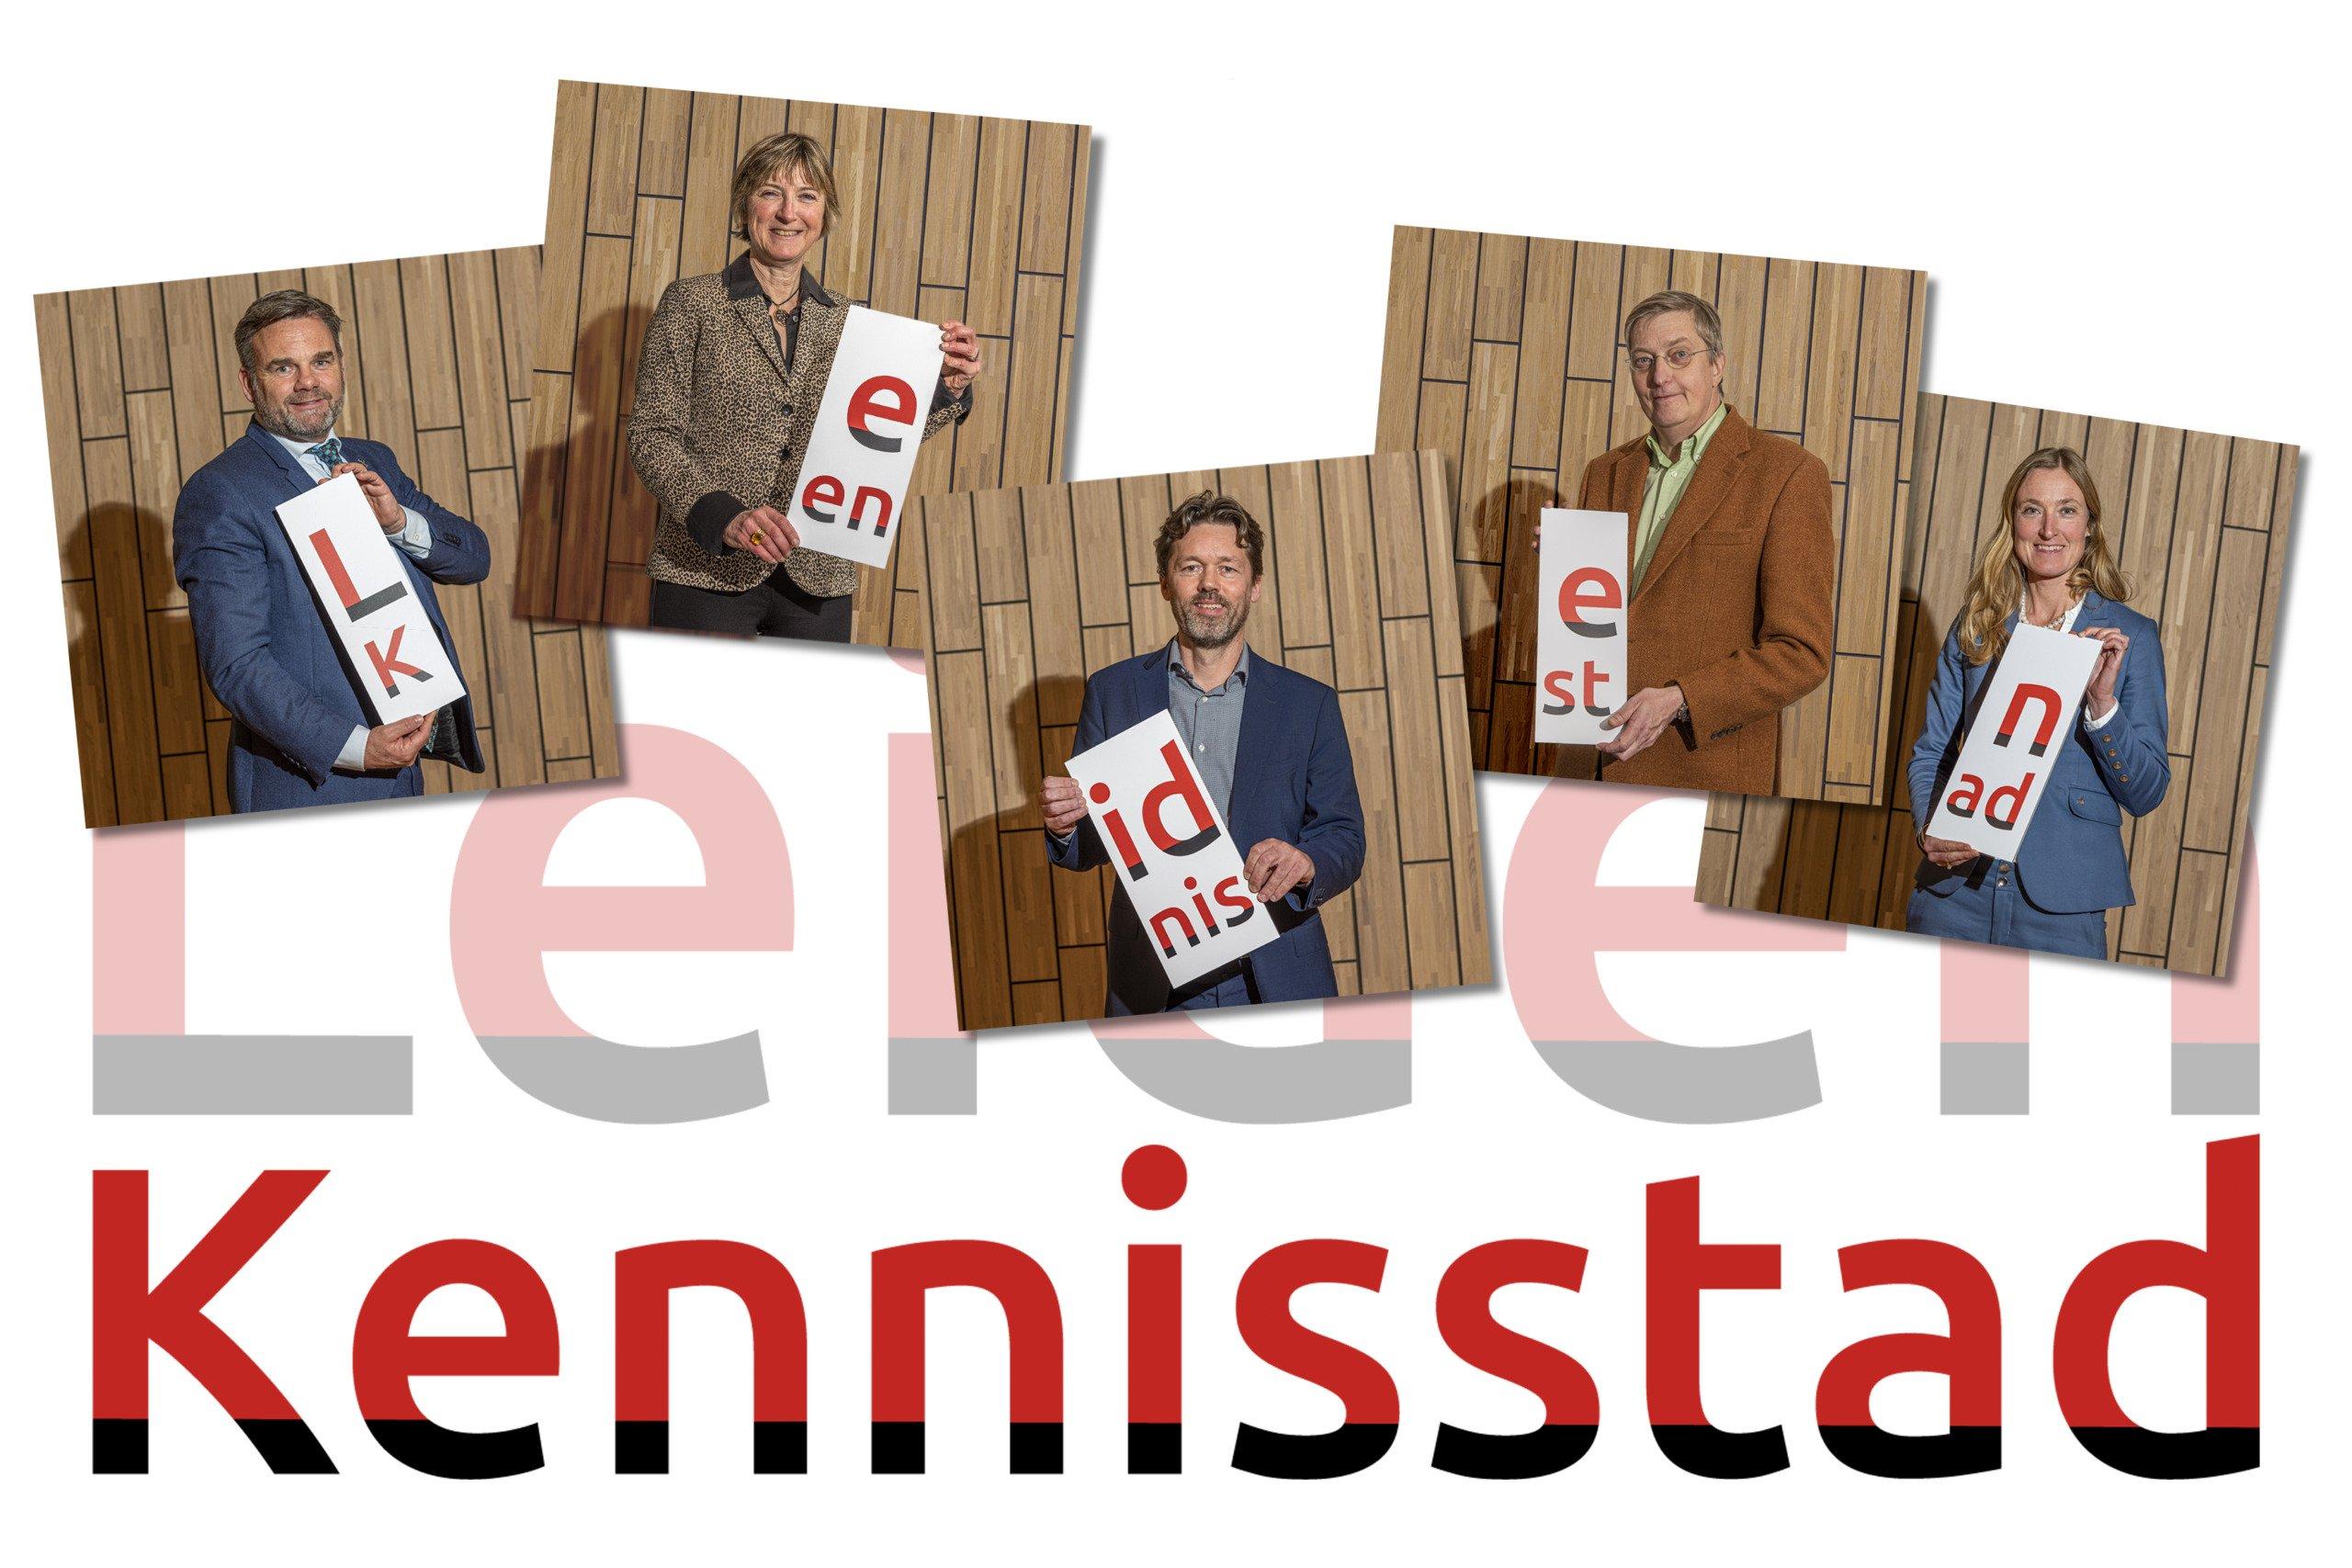 Kennisstad-Leiden-Partners-MRT21